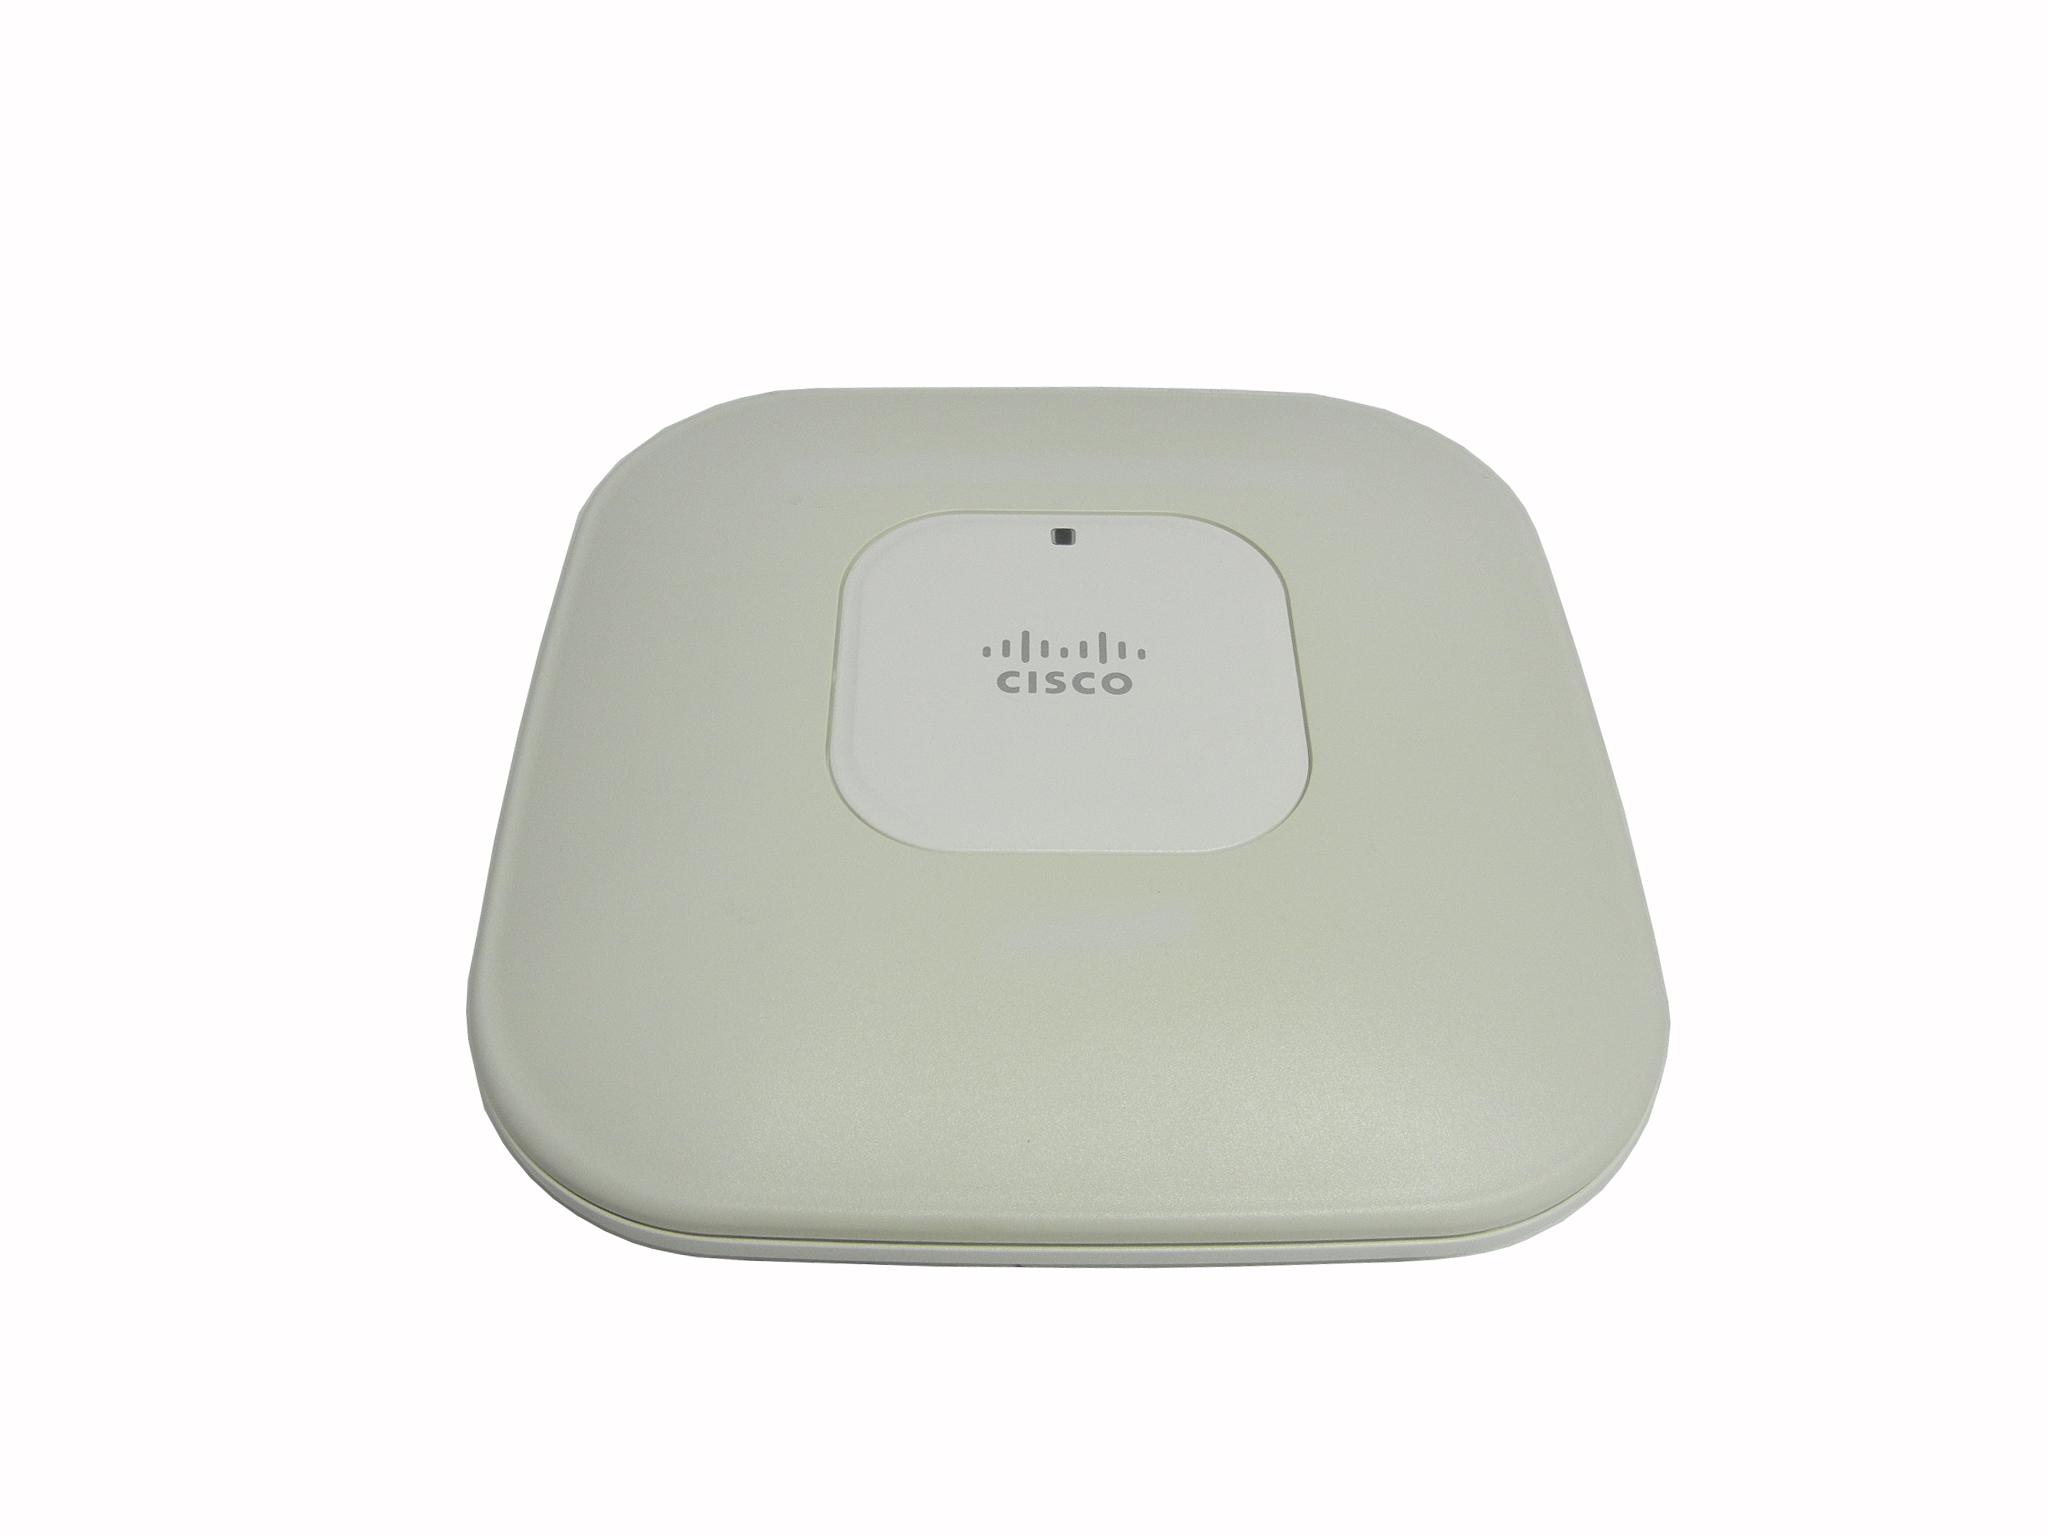 【中古品】Cisco Aironet 1140シリーズ アクセス ポイント(AIR-LAP-1141N-P-K9)